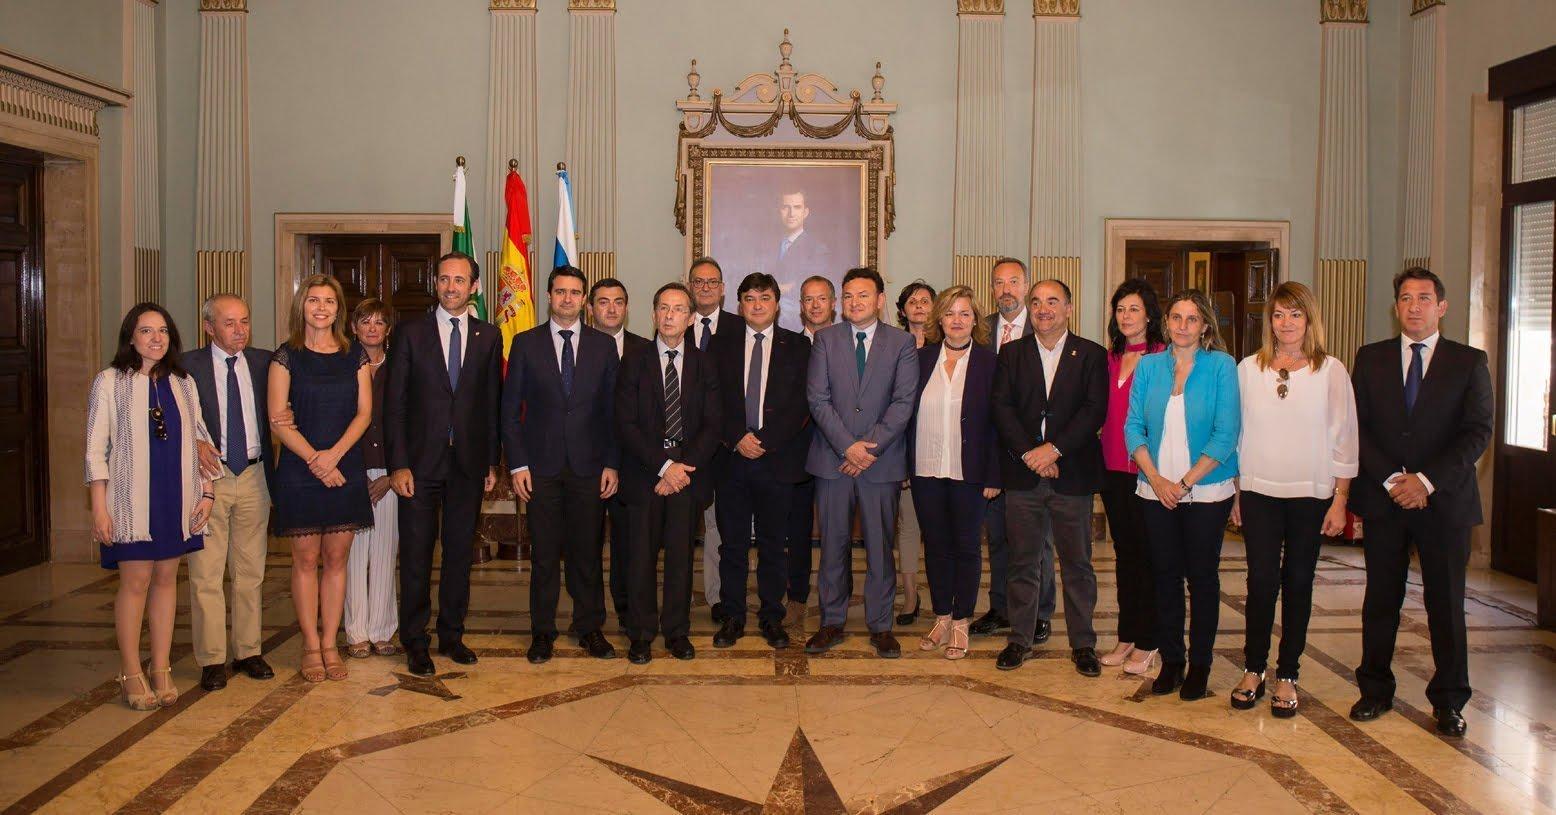 El alcalde de Huelva también ha recibido a una delegación de la Comisión